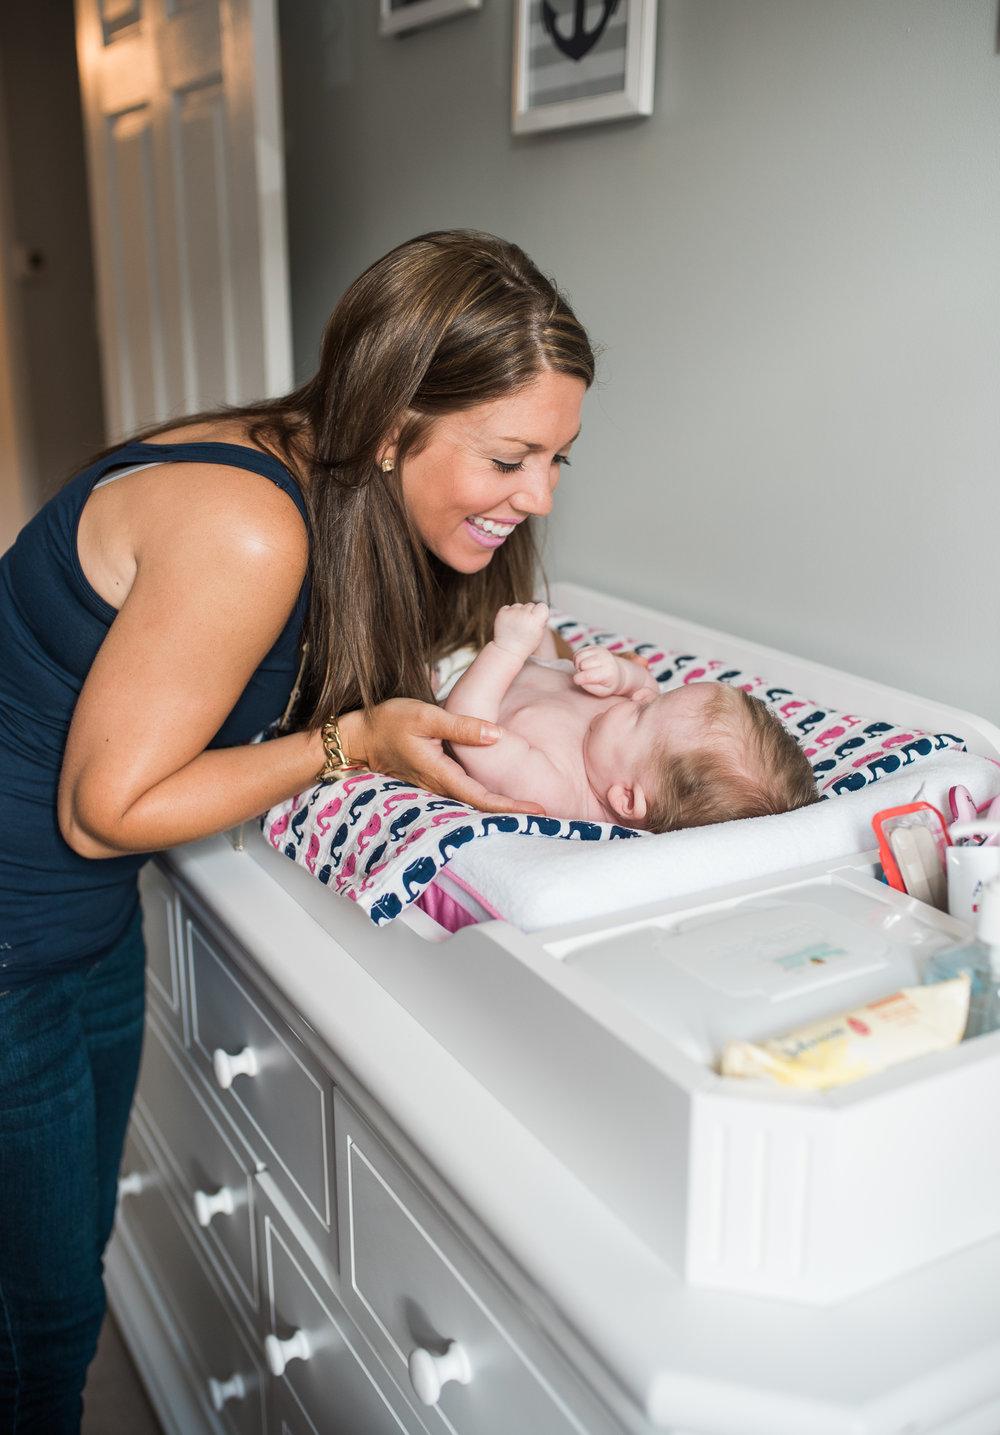 harford-county-newborn-photographer-breanna-kuhlmann-6-4.jpg